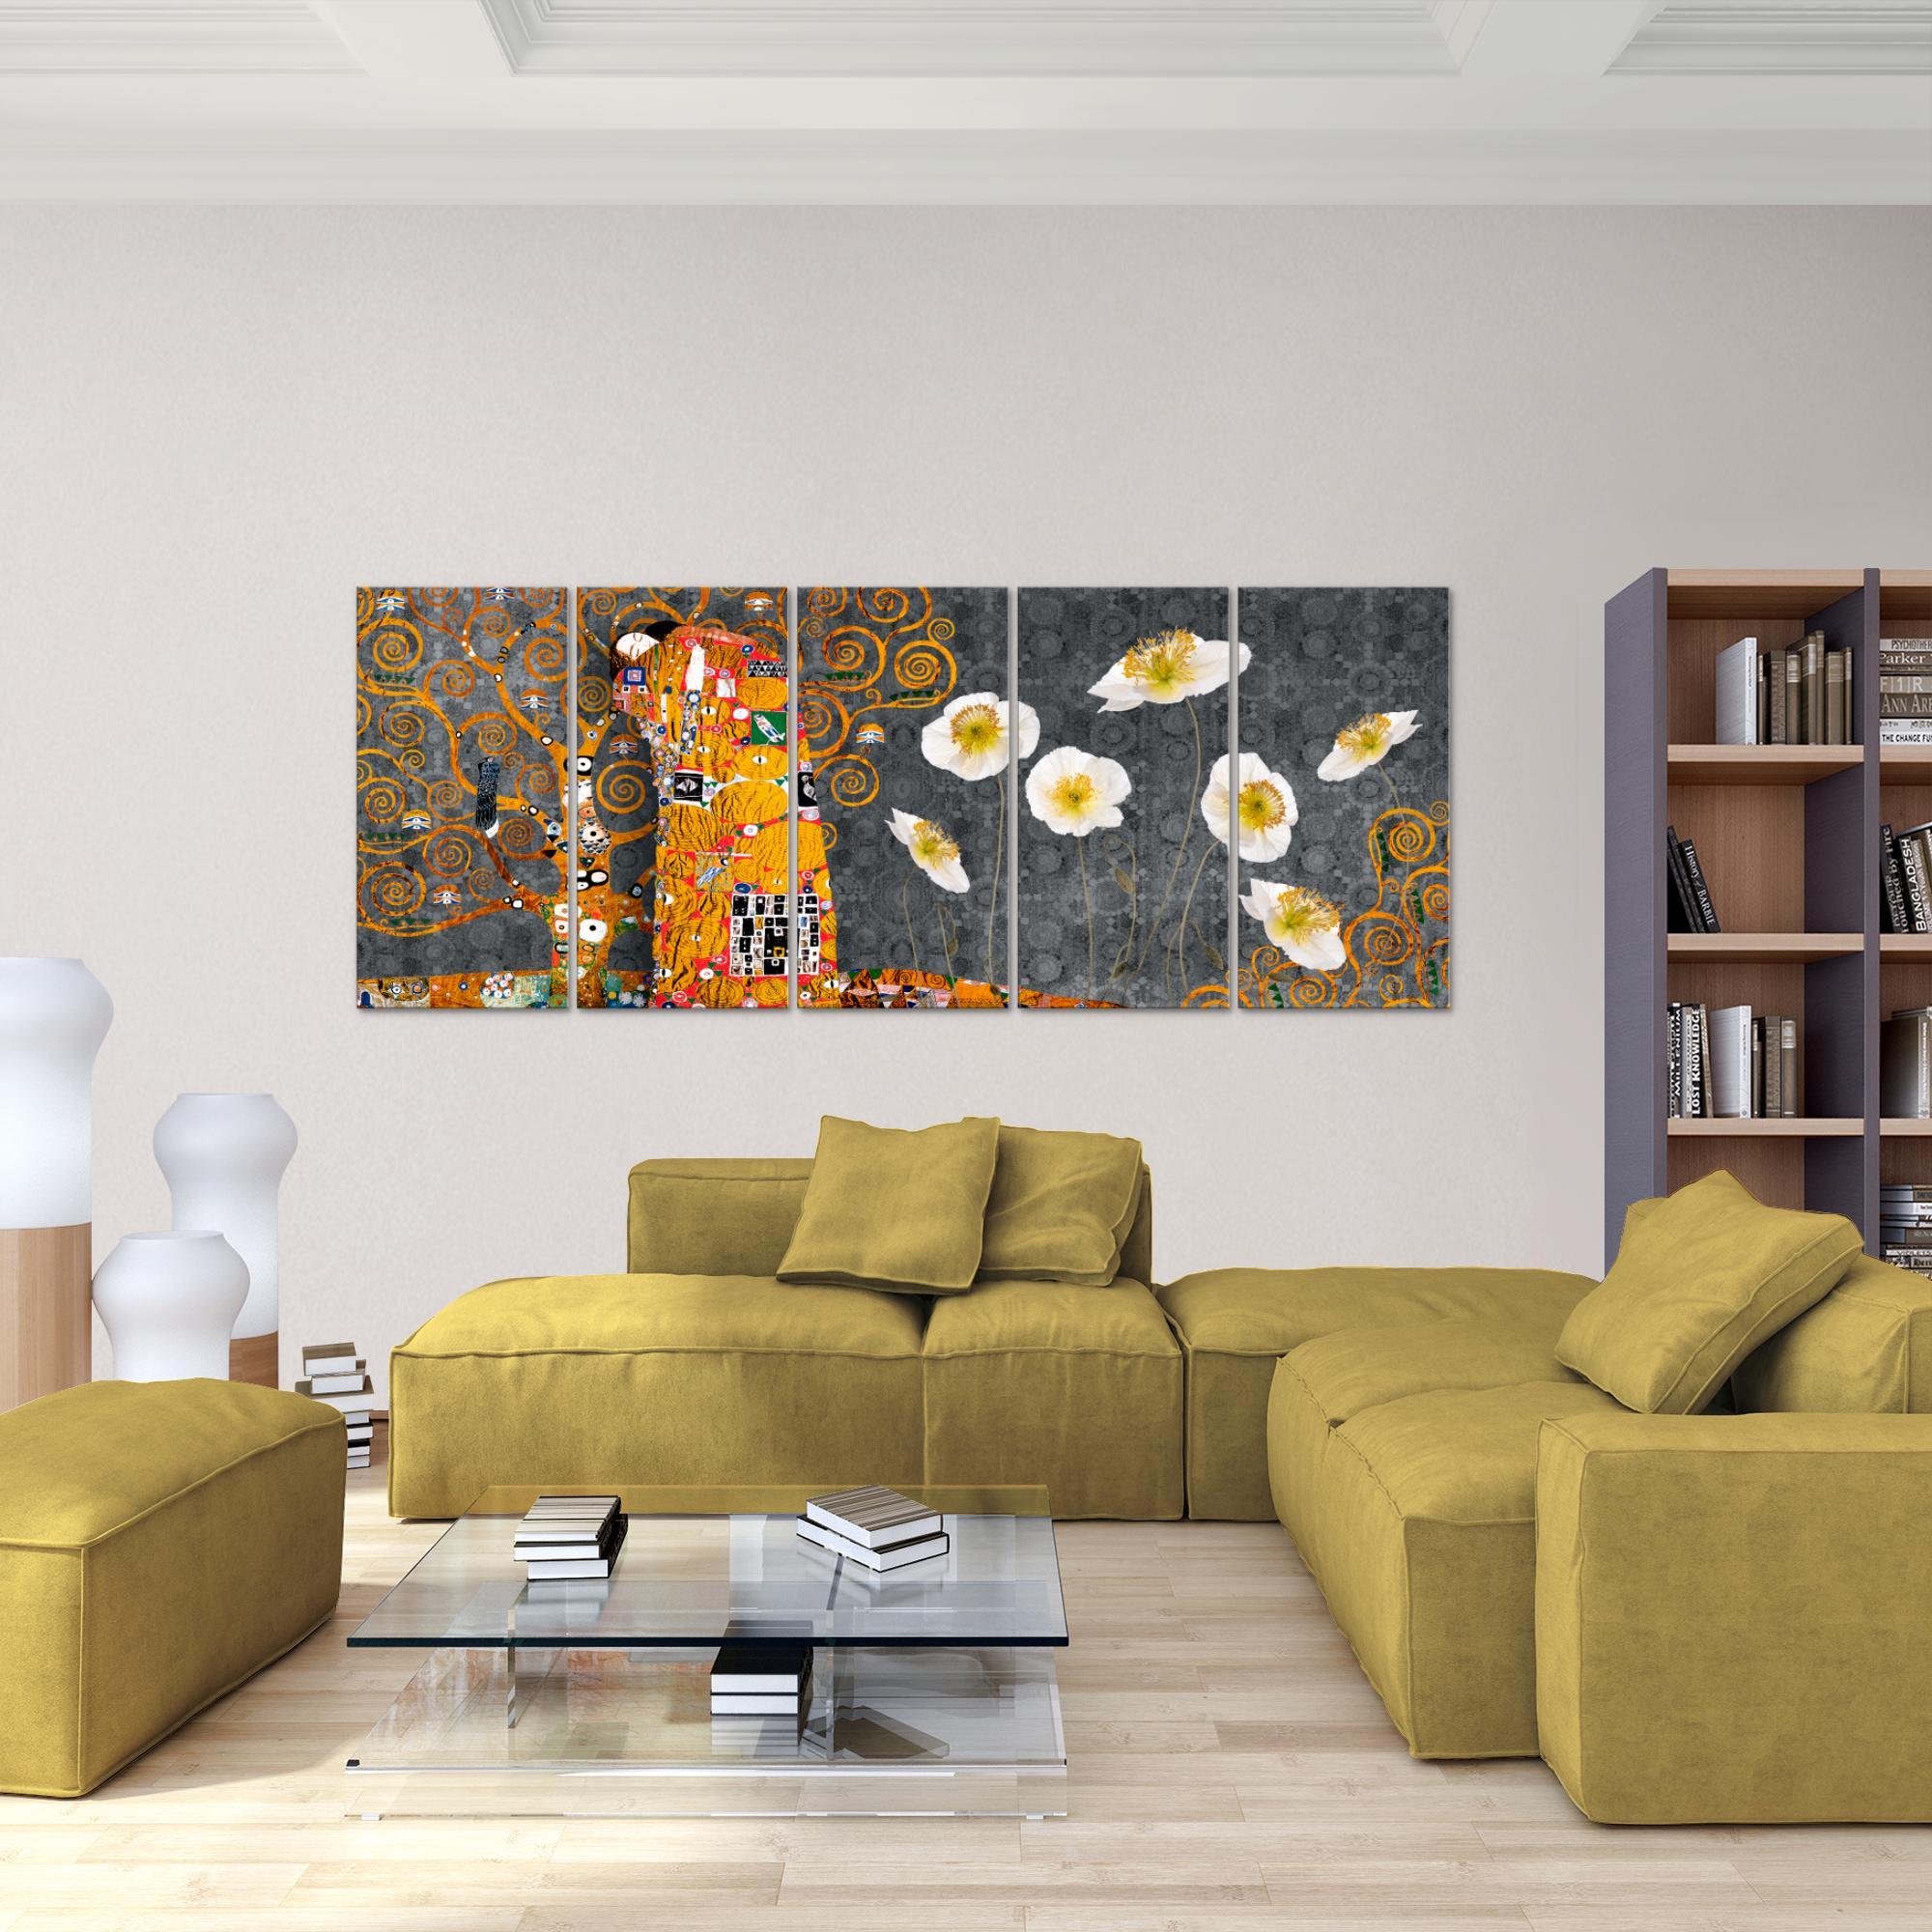 gustav klimt der kuss bild kunstdruck auf vlies leinwand xxl dekoration 021555p. Black Bedroom Furniture Sets. Home Design Ideas